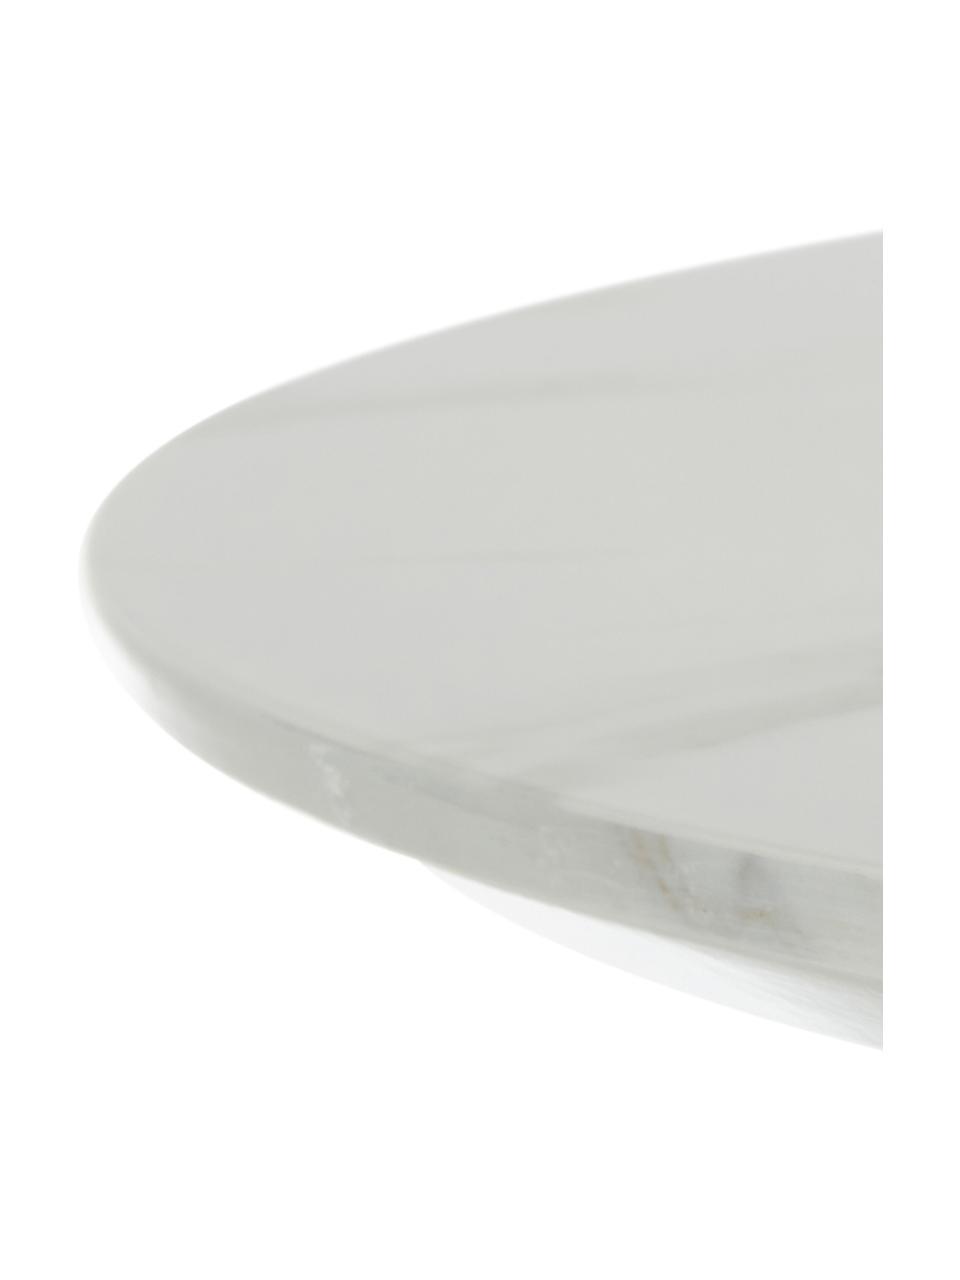 Table ronde blanche dorée Karla, Plateau: blanc, marbré Pied: couleur dorée, mat